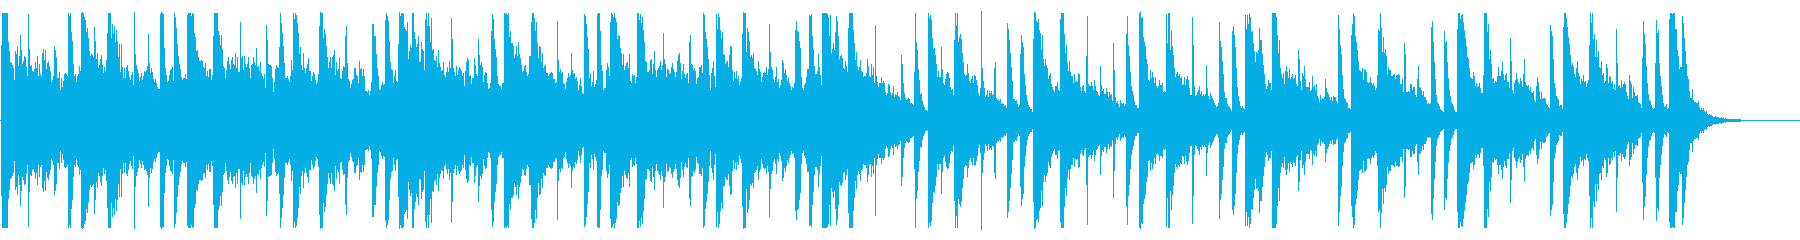 和を感じる切ないBGM_No604_5の再生済みの波形